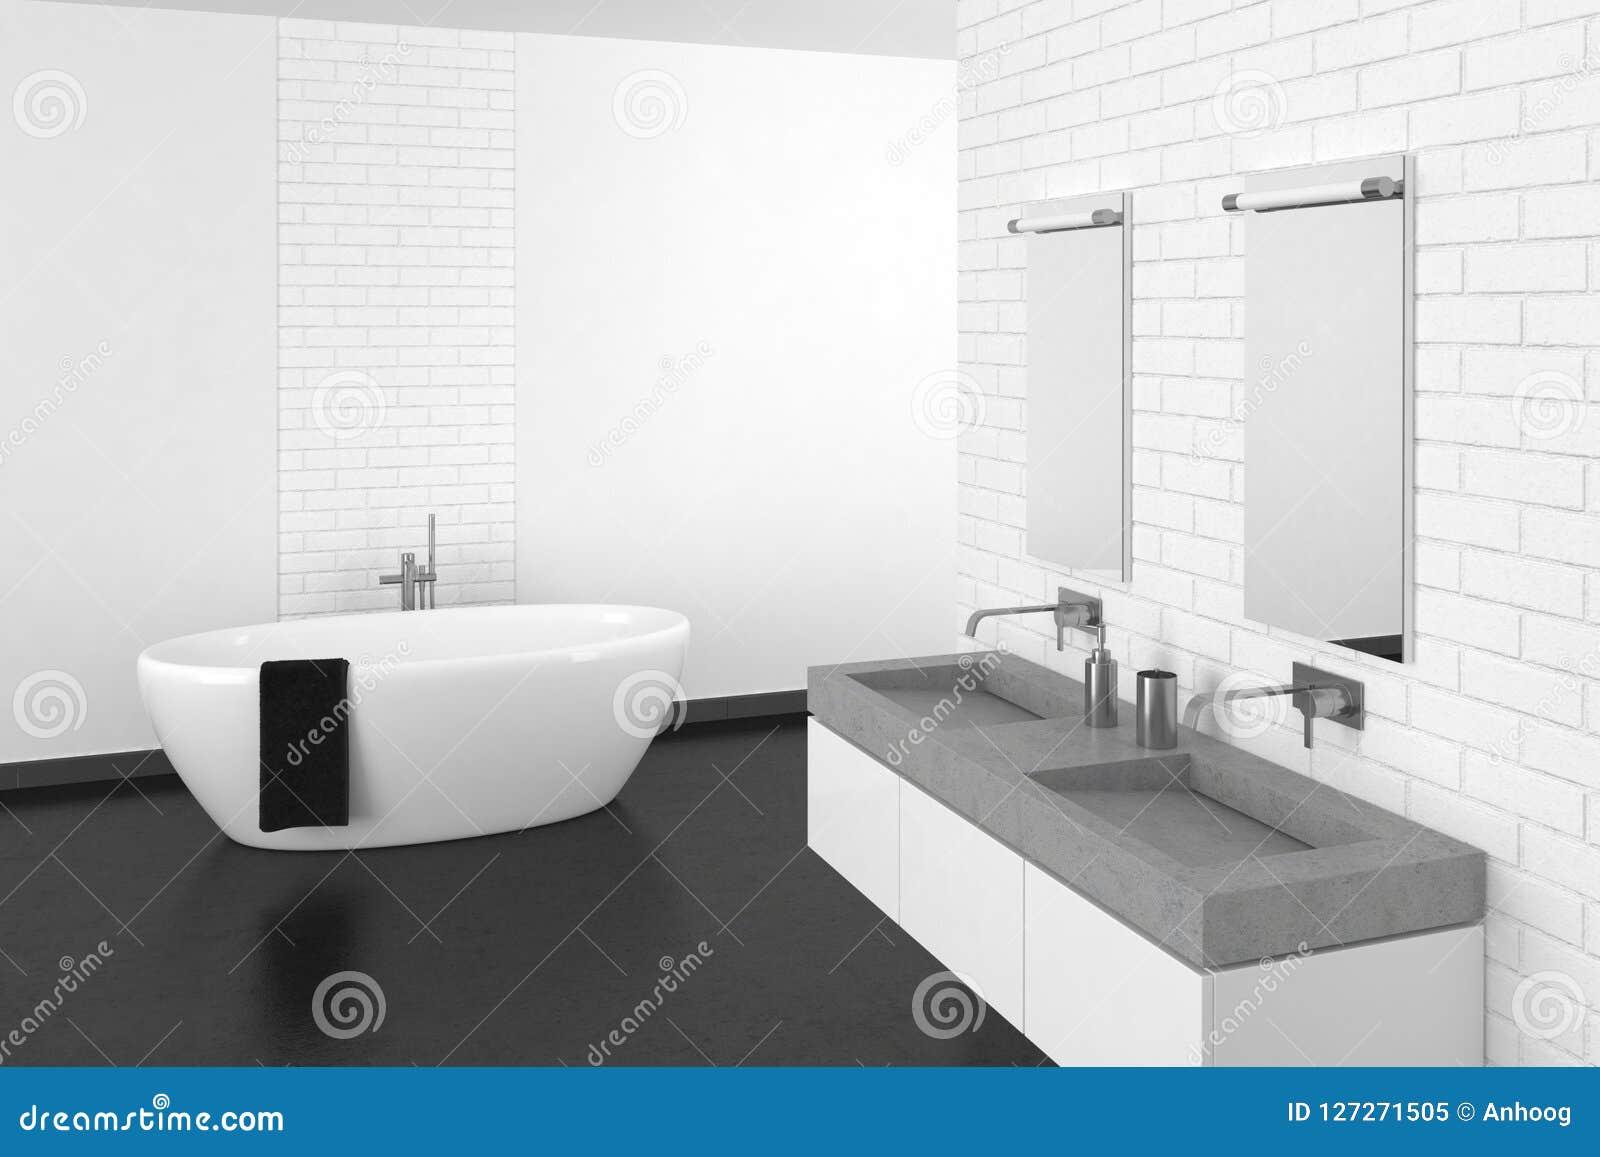 Salle De Bain Brique salle de bains moderne avec le mur de briques blanc et le